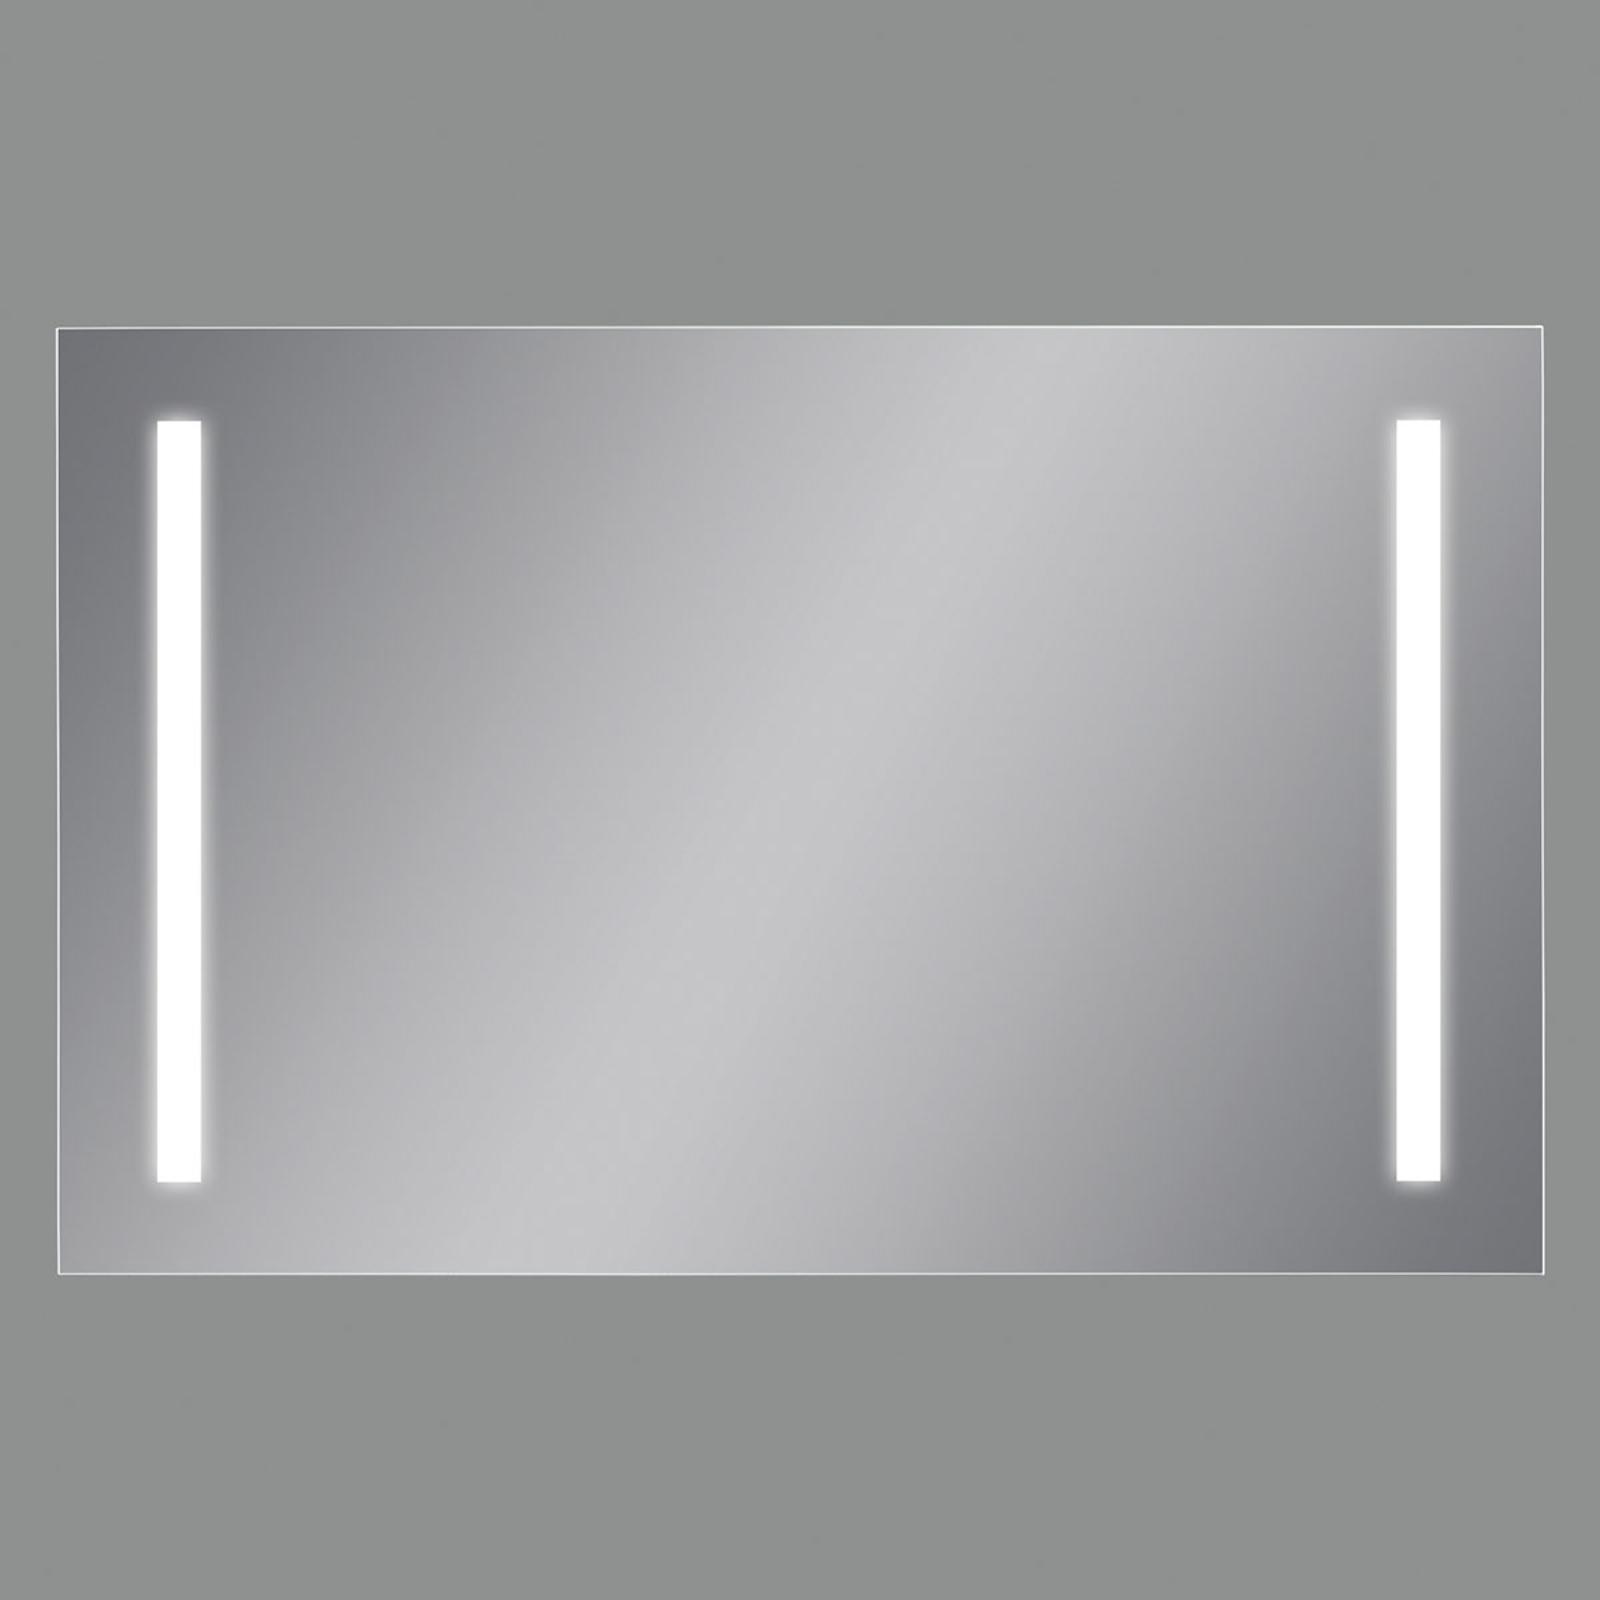 Miroir mural LED Jour, 52x72cm, 4000K